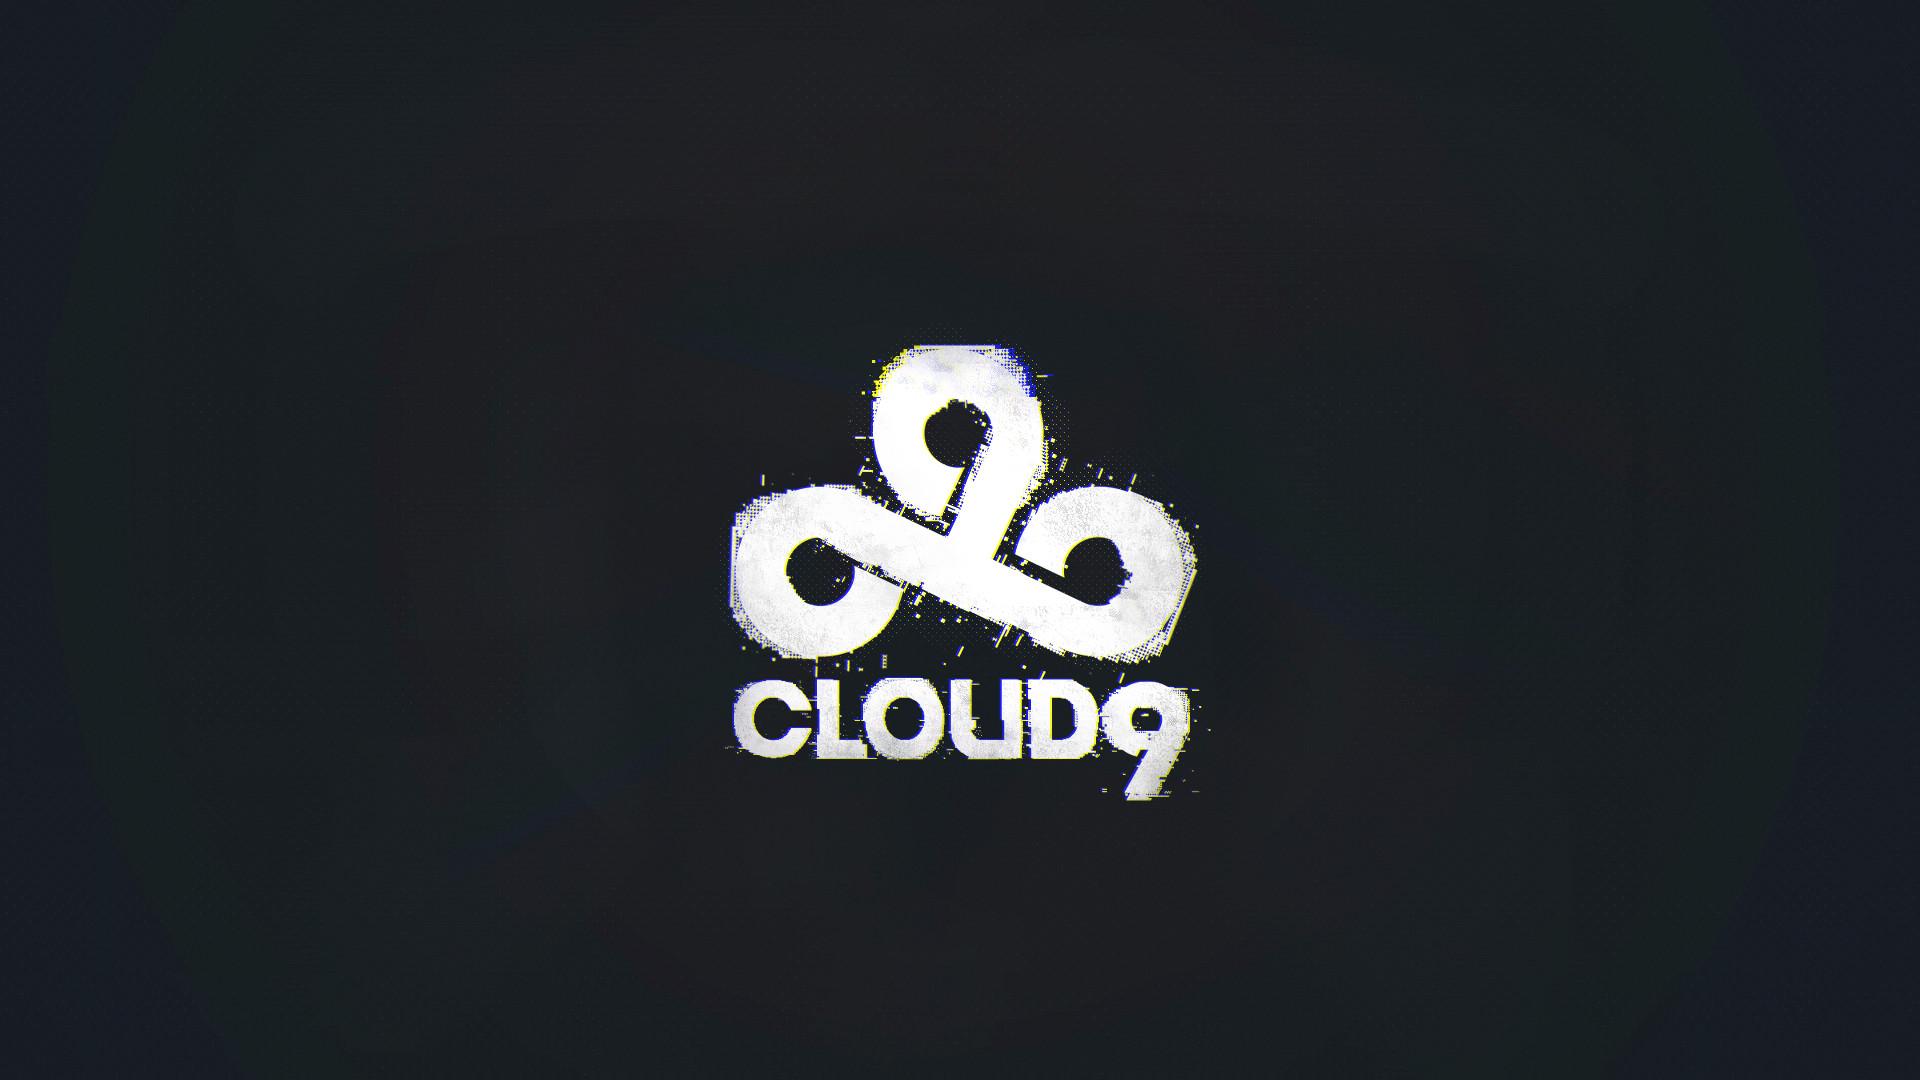 Random wallpaper Stats Donate. Cloud9